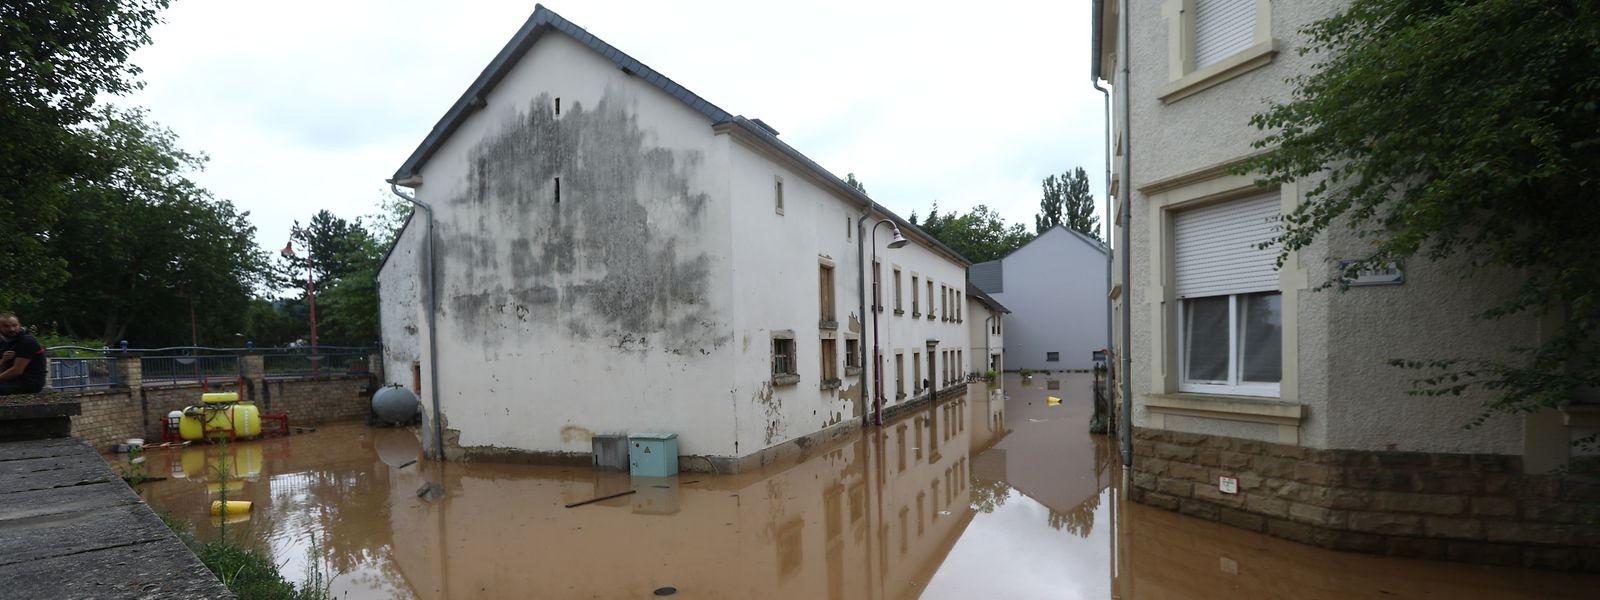 Überschwemmte Gassen in Rosport. Viele Bewohner mussten ihre Häuser verlassen, um vor den Wassermassen zu flüchten.